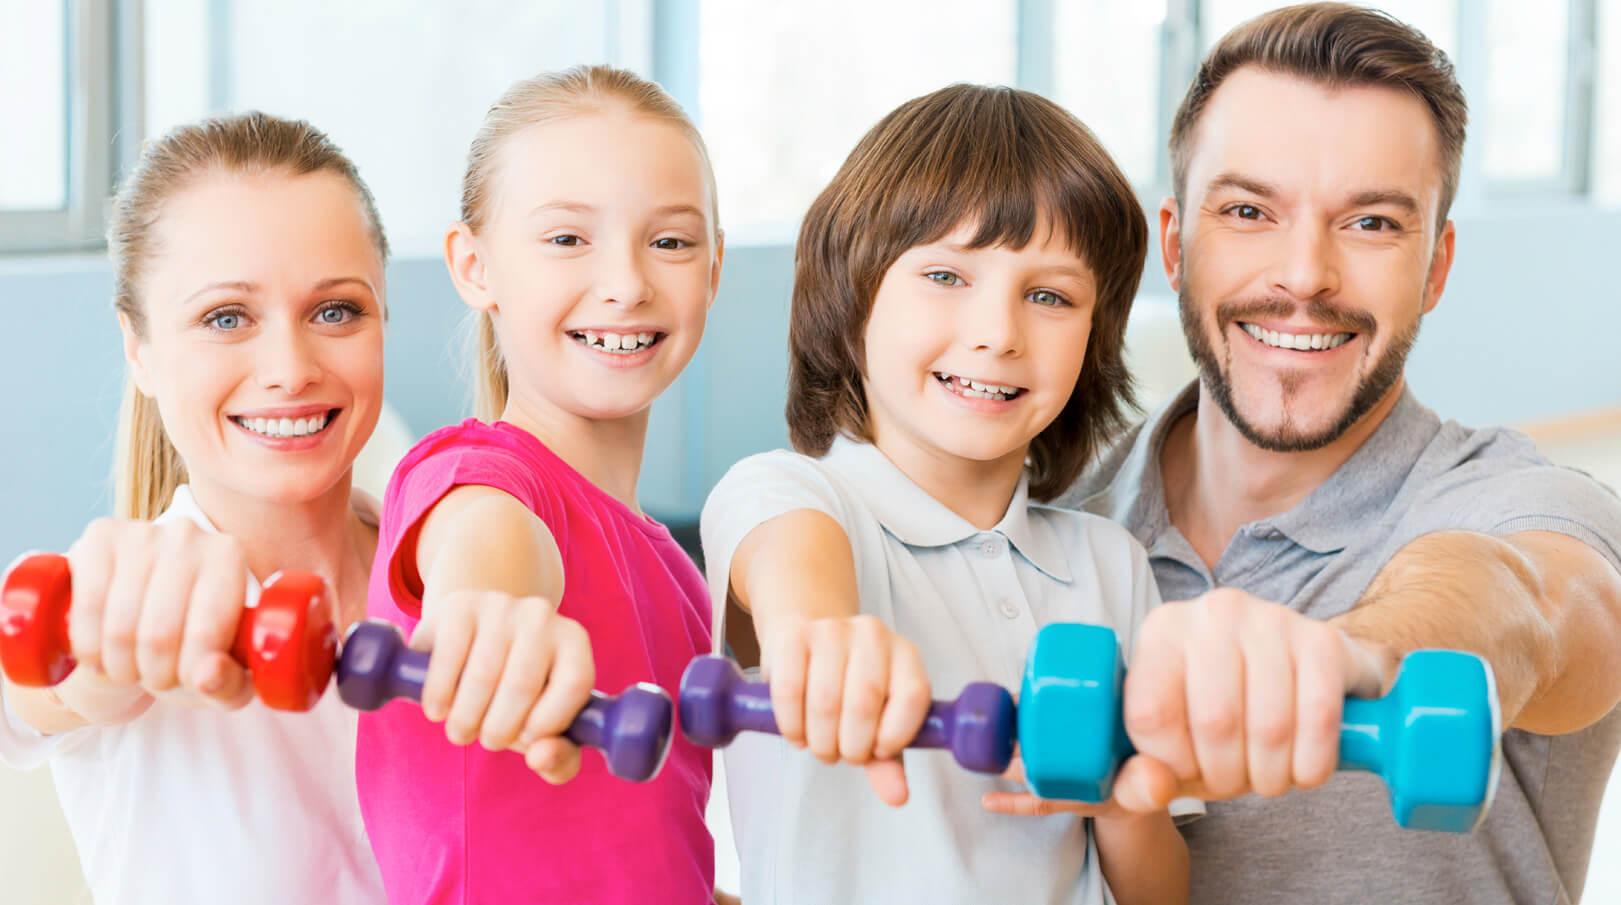 Что такое зож - здоровый образ жизни и его составляющие